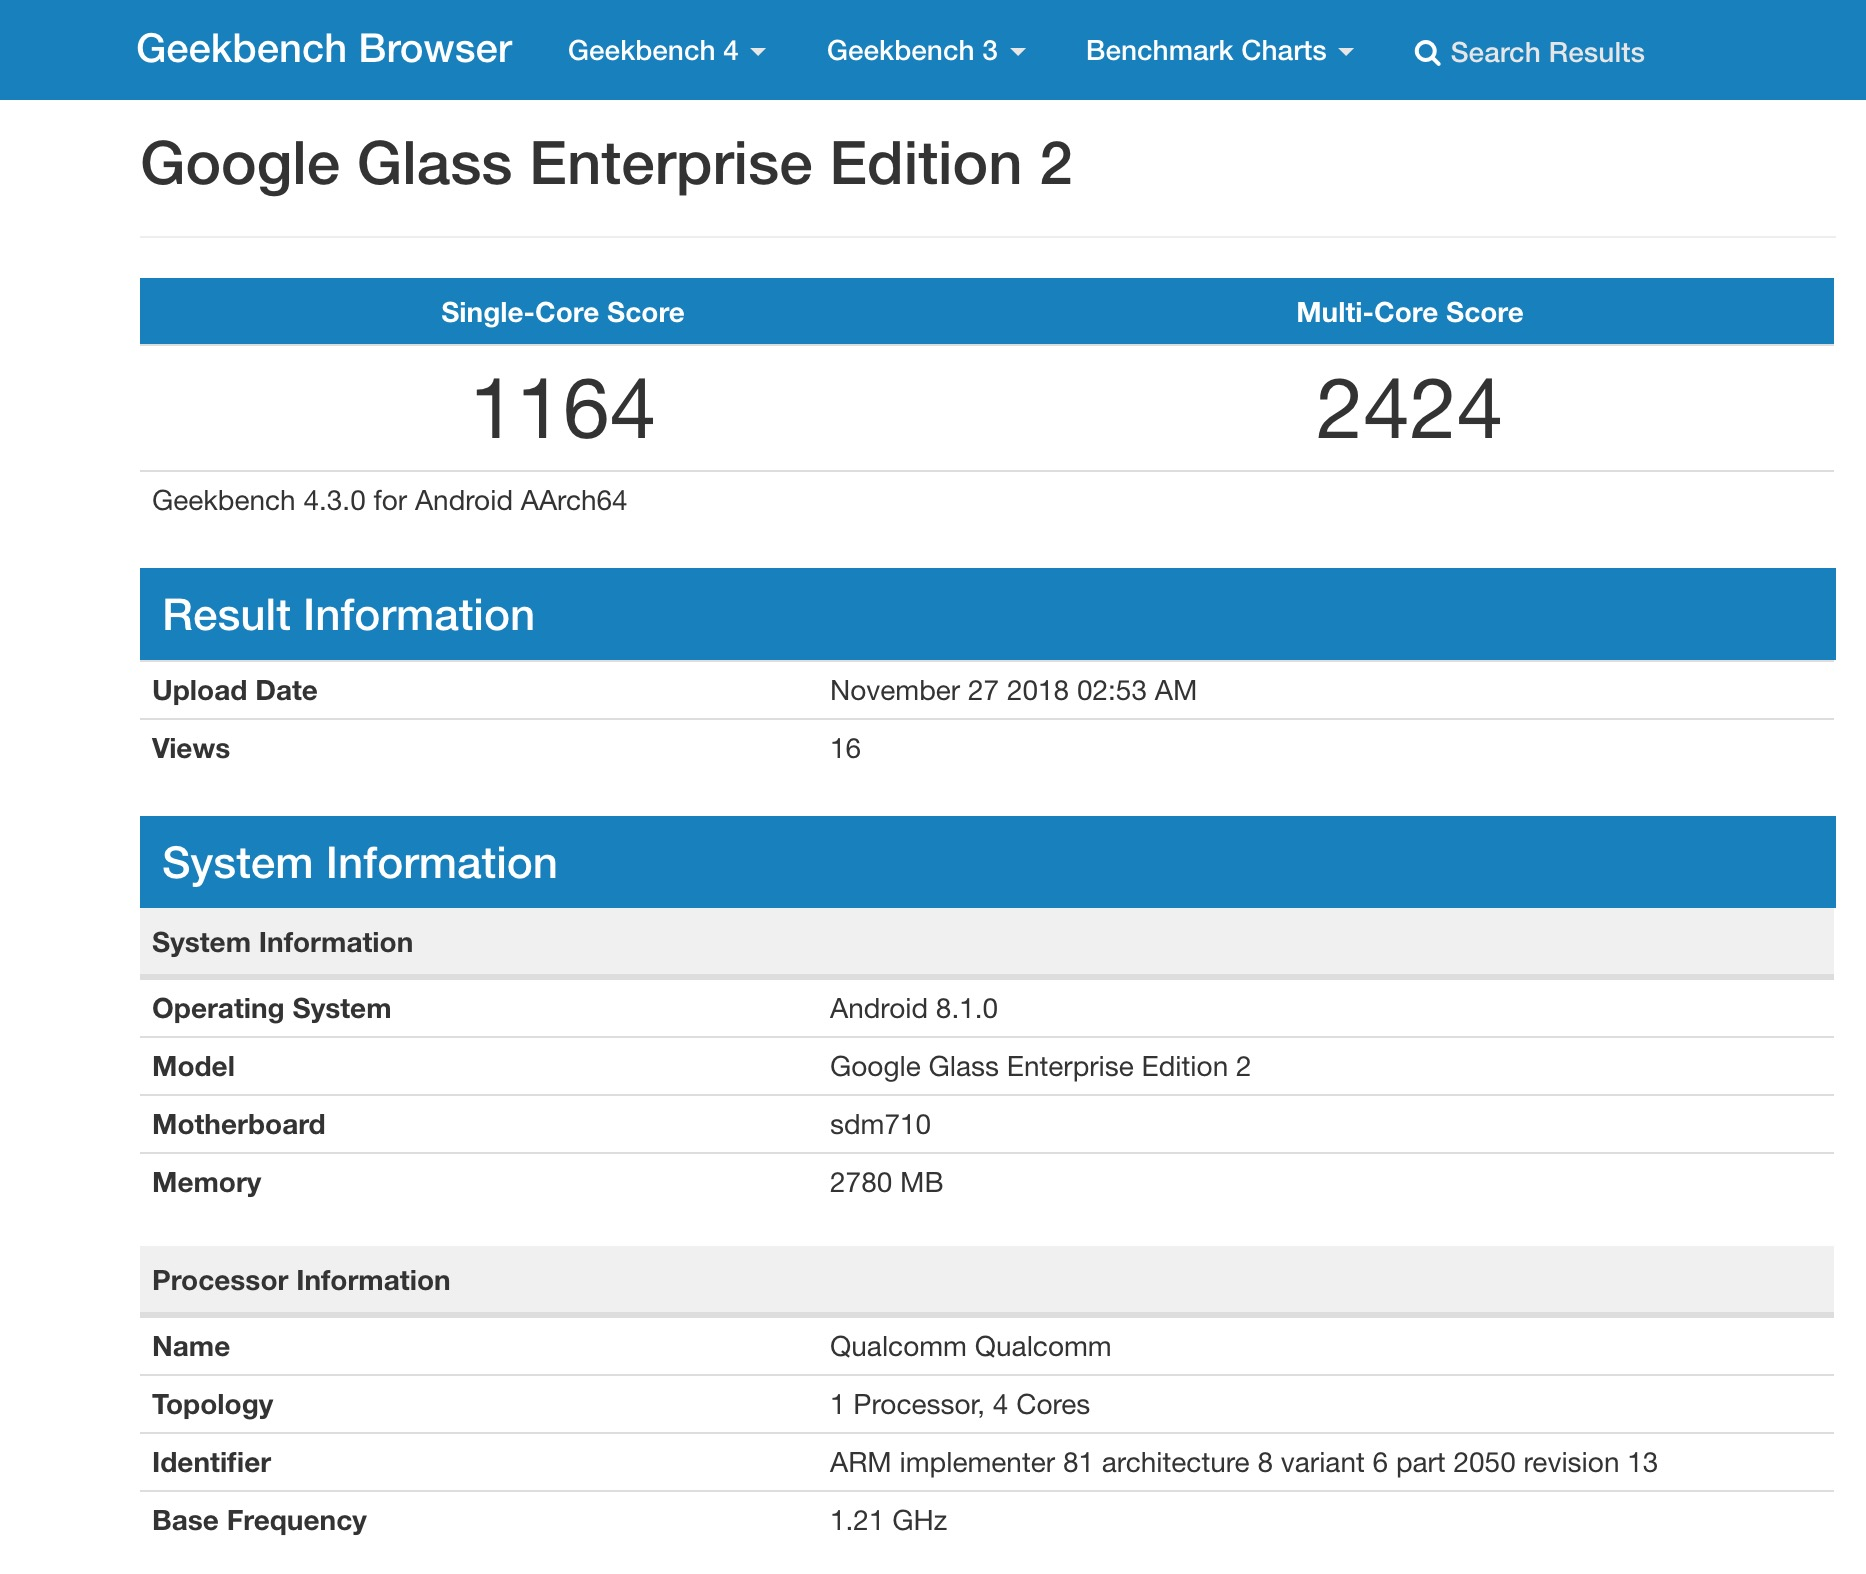 Google Glass Enterprise Edition 2 specs